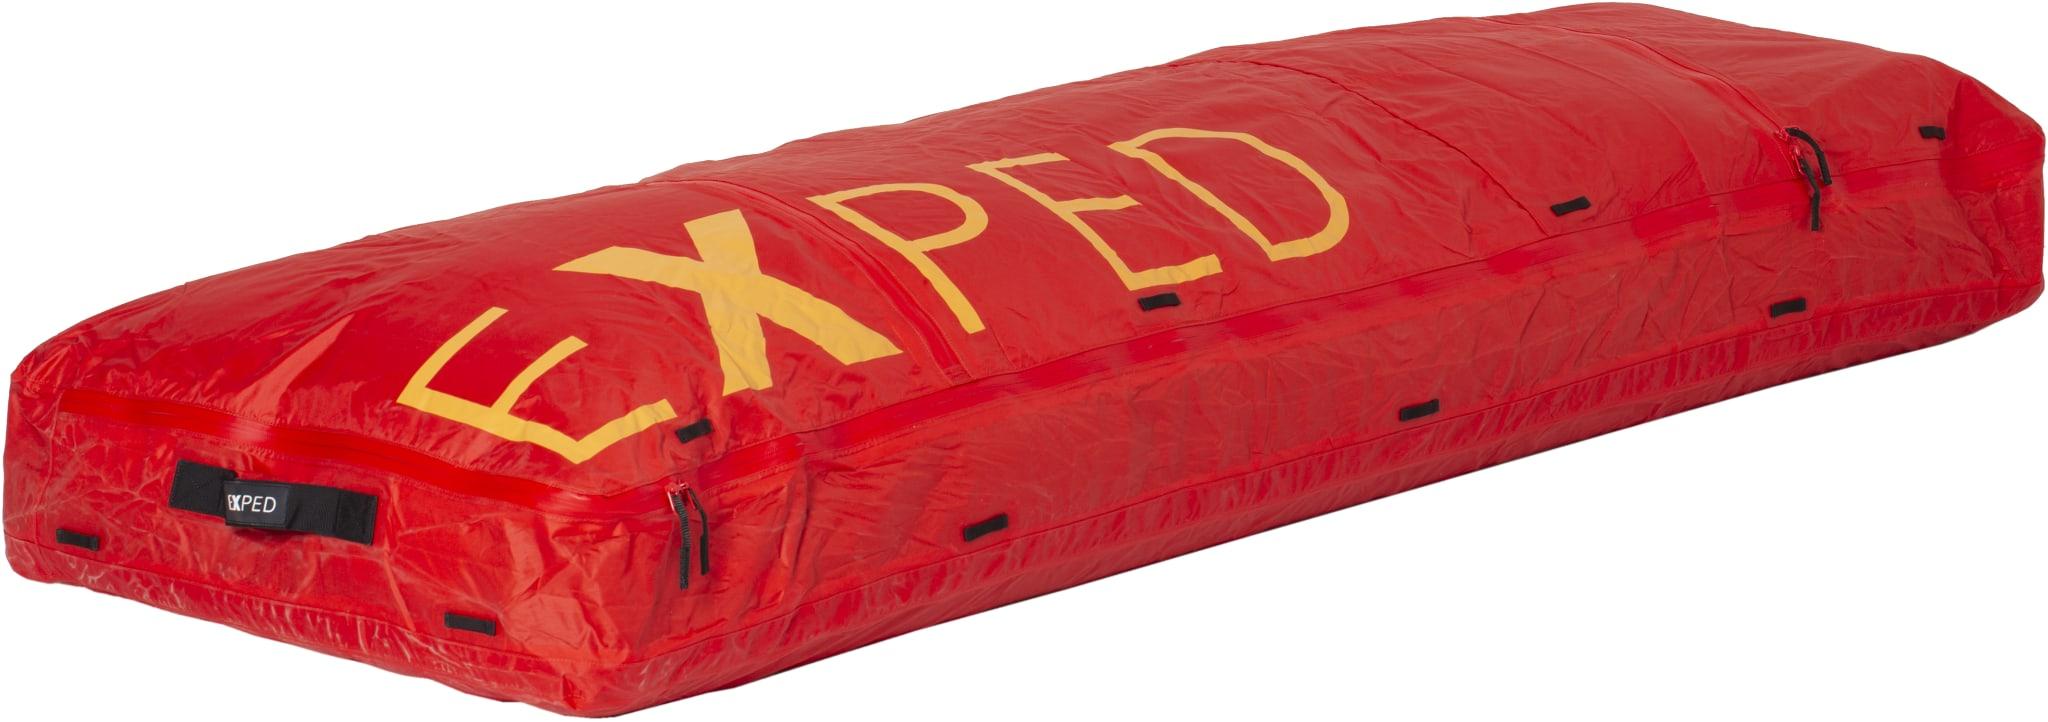 Bag til å frakte sovepose og liggeunderlag ferdig utslått på pulk